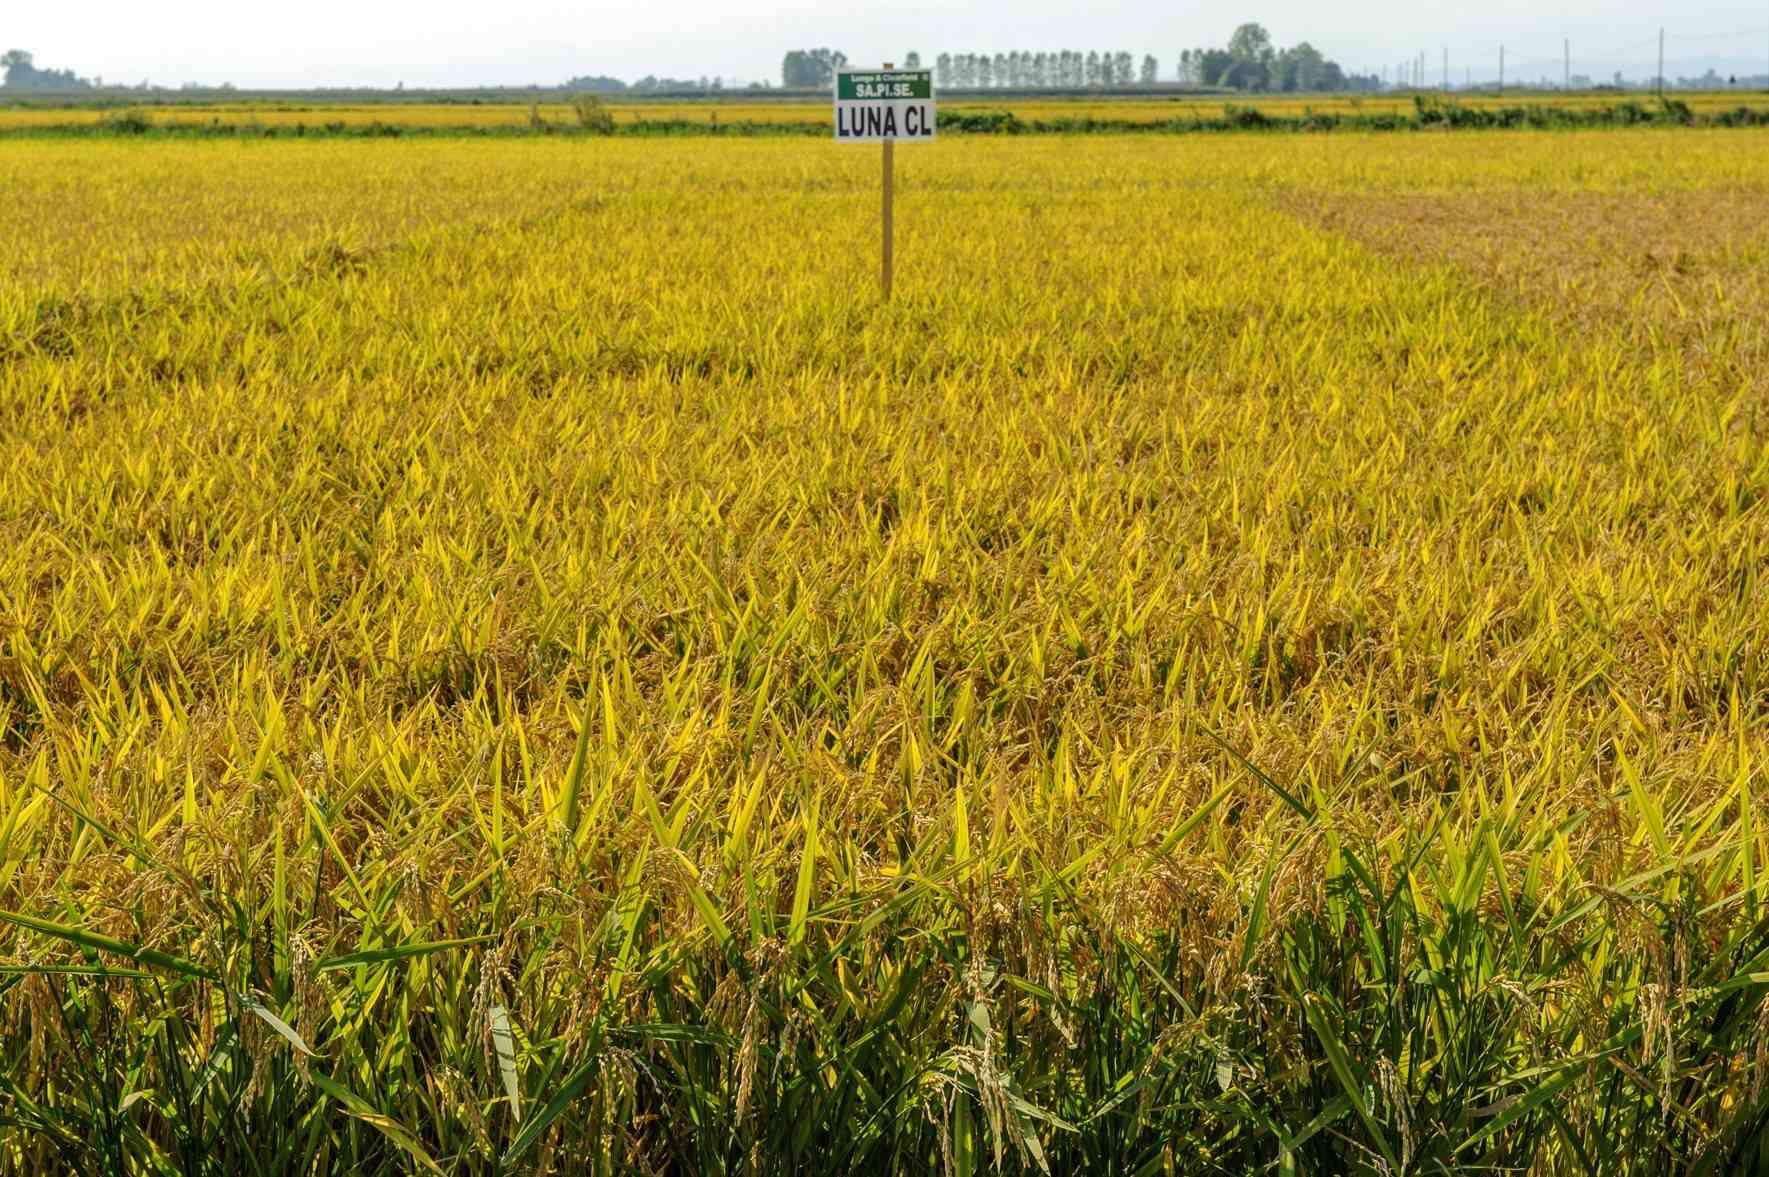 sementi riso luna cl coltivazione spighe